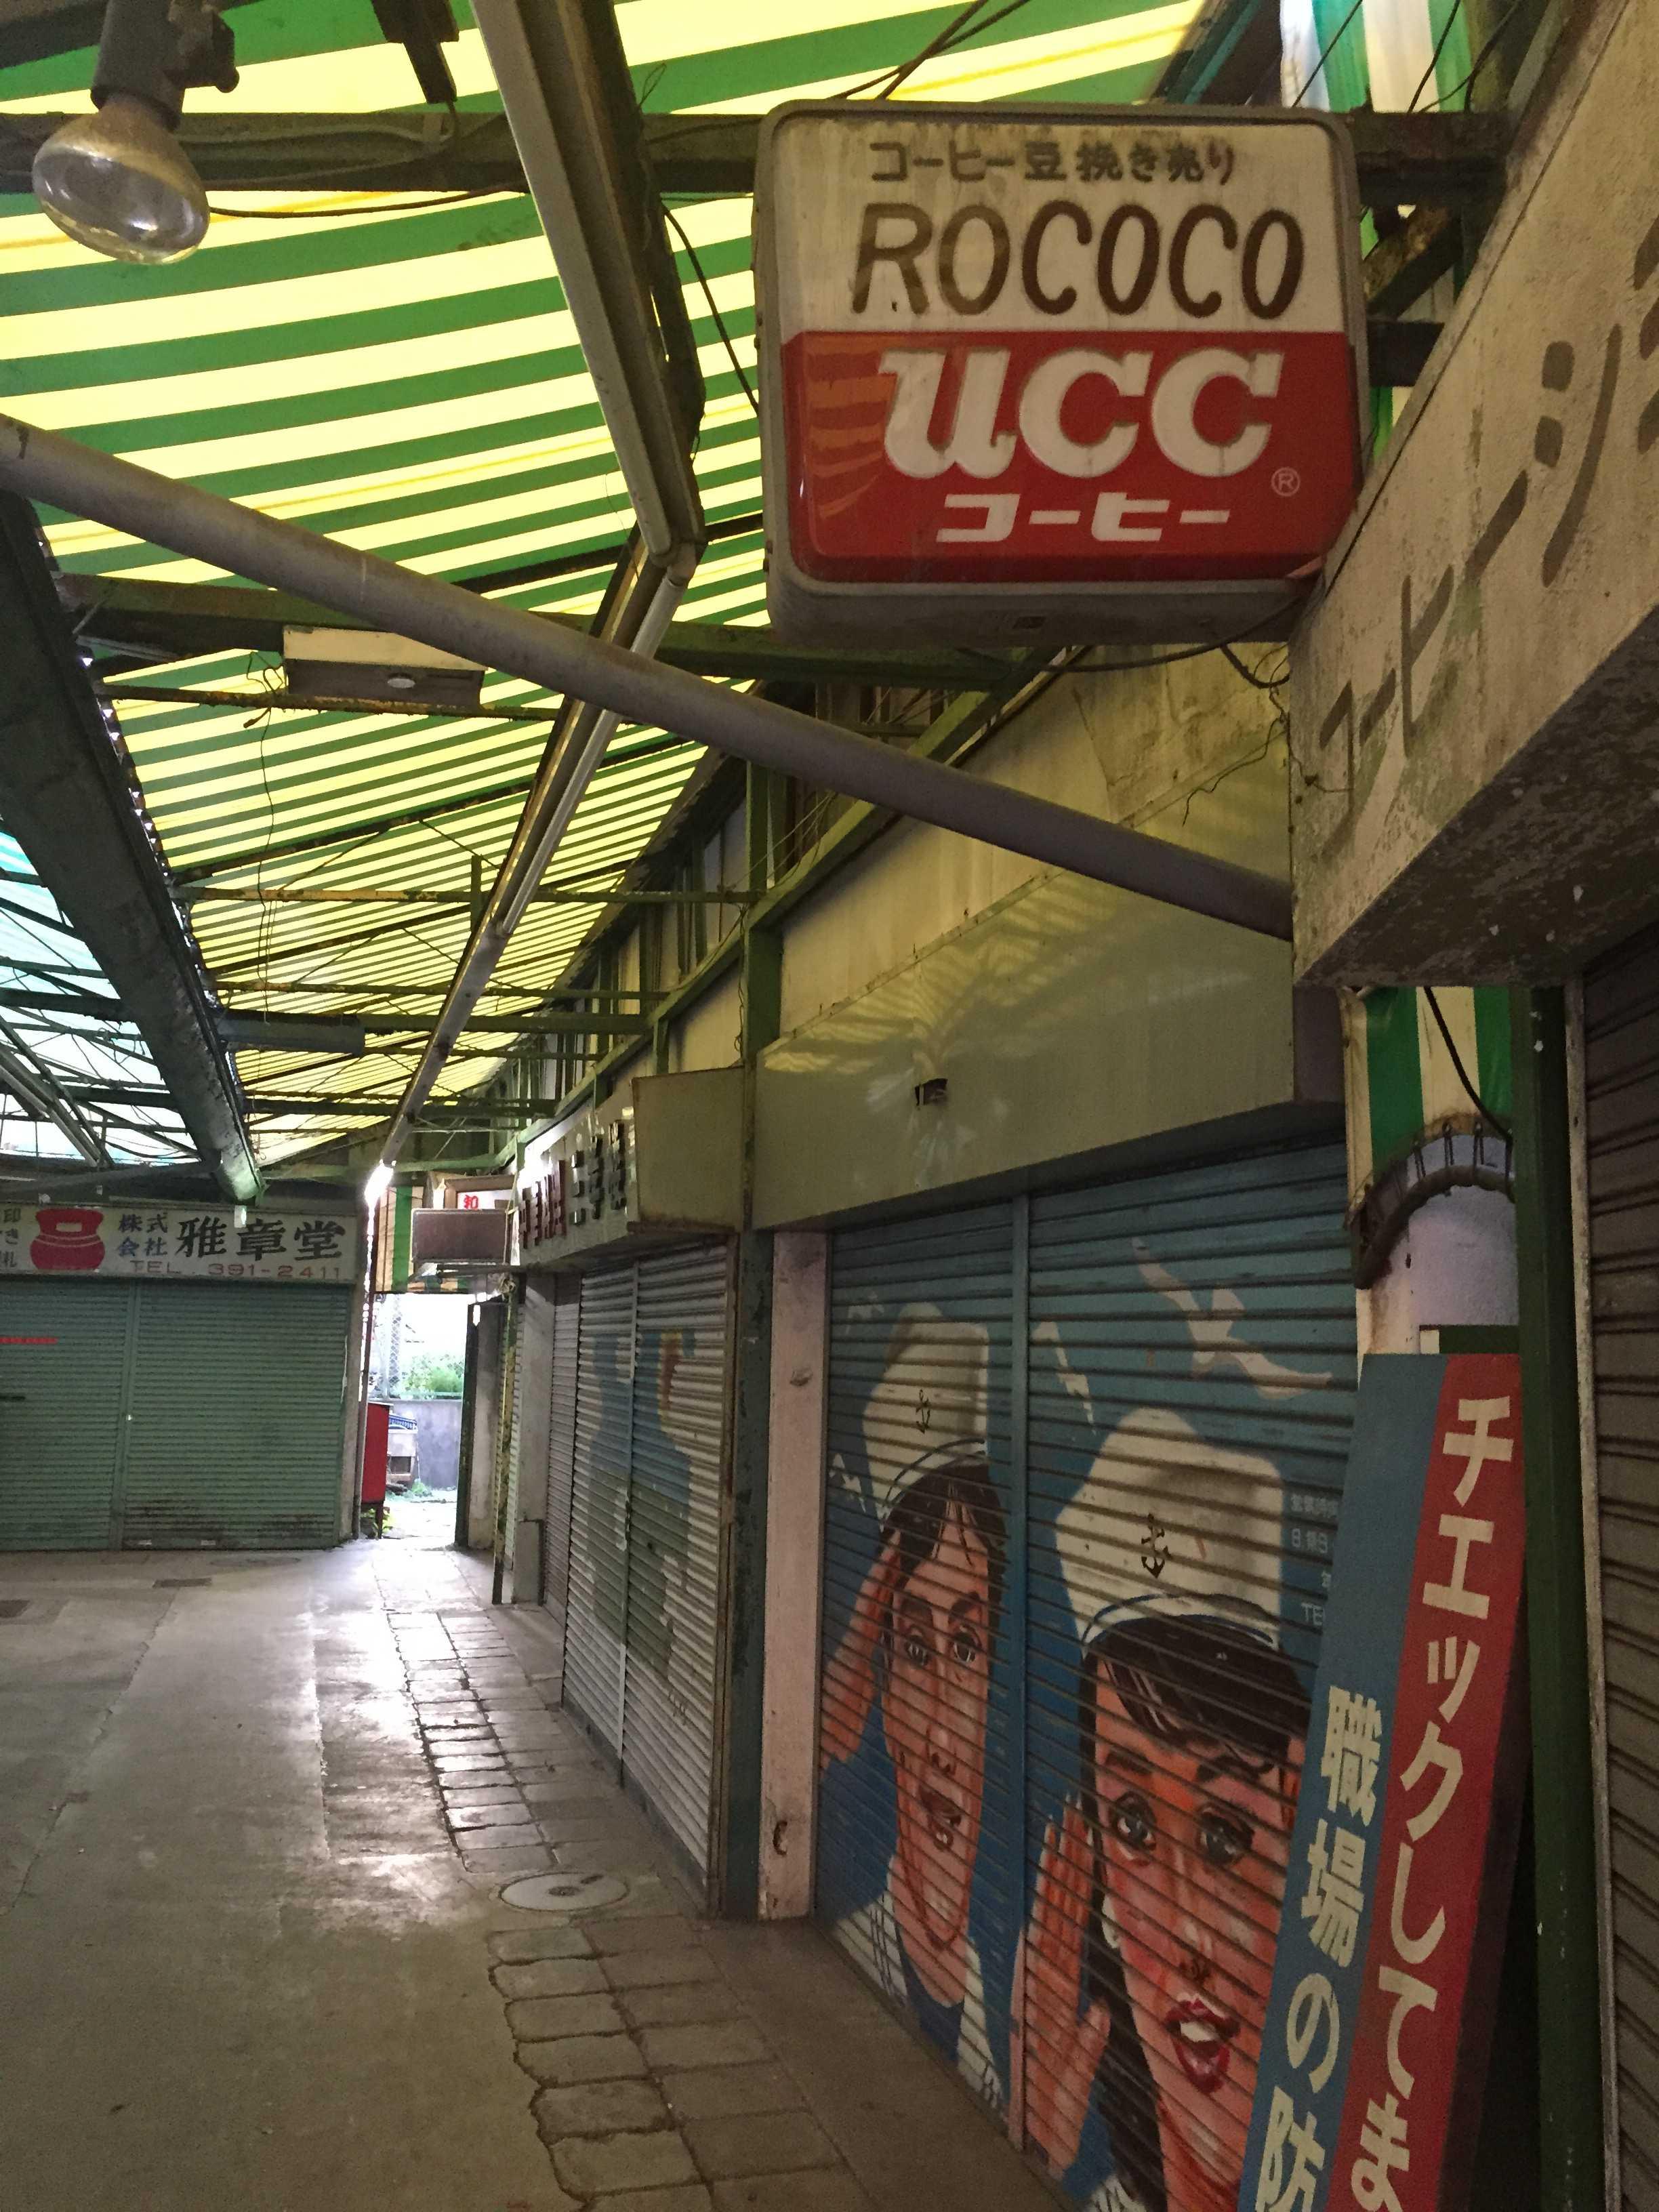 UCCコーヒーの古い看板 - 希望ヶ丘ショッピングセンター